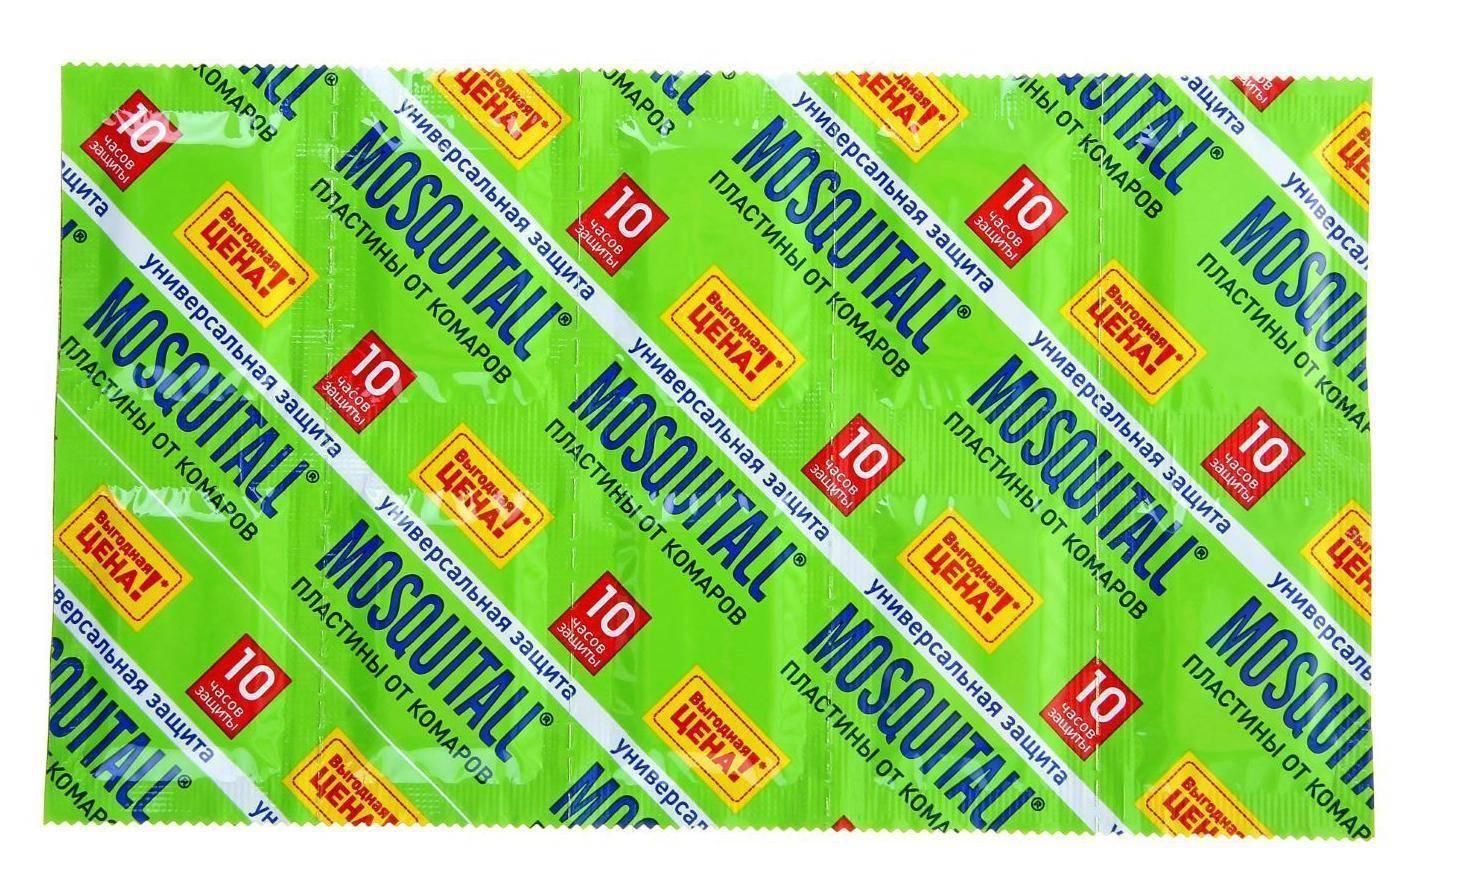 Разнообразие средств марки москитол для защиты от клещей, комаров и других кровососущих